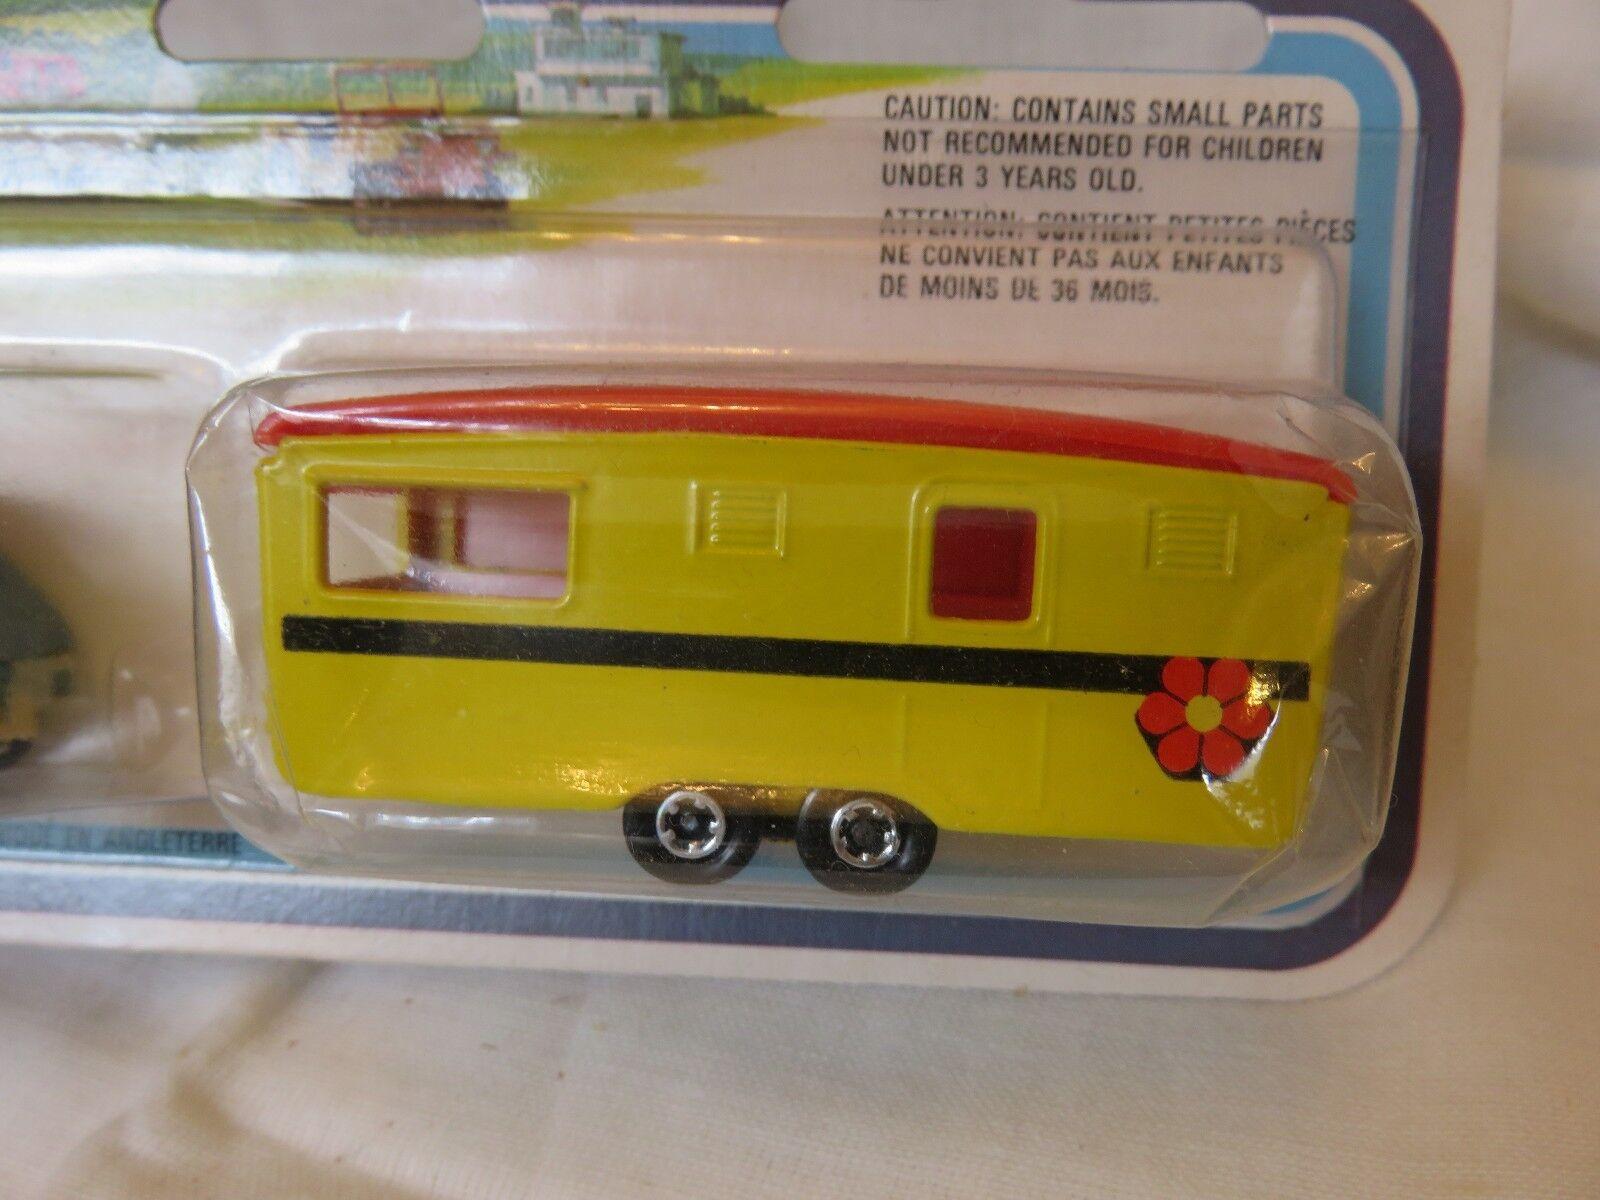 1978 Matchbox Matchbox Matchbox SuperFast 900 bluee Renault Yellow Caravan TP-4 England Die-Cast 9298a8